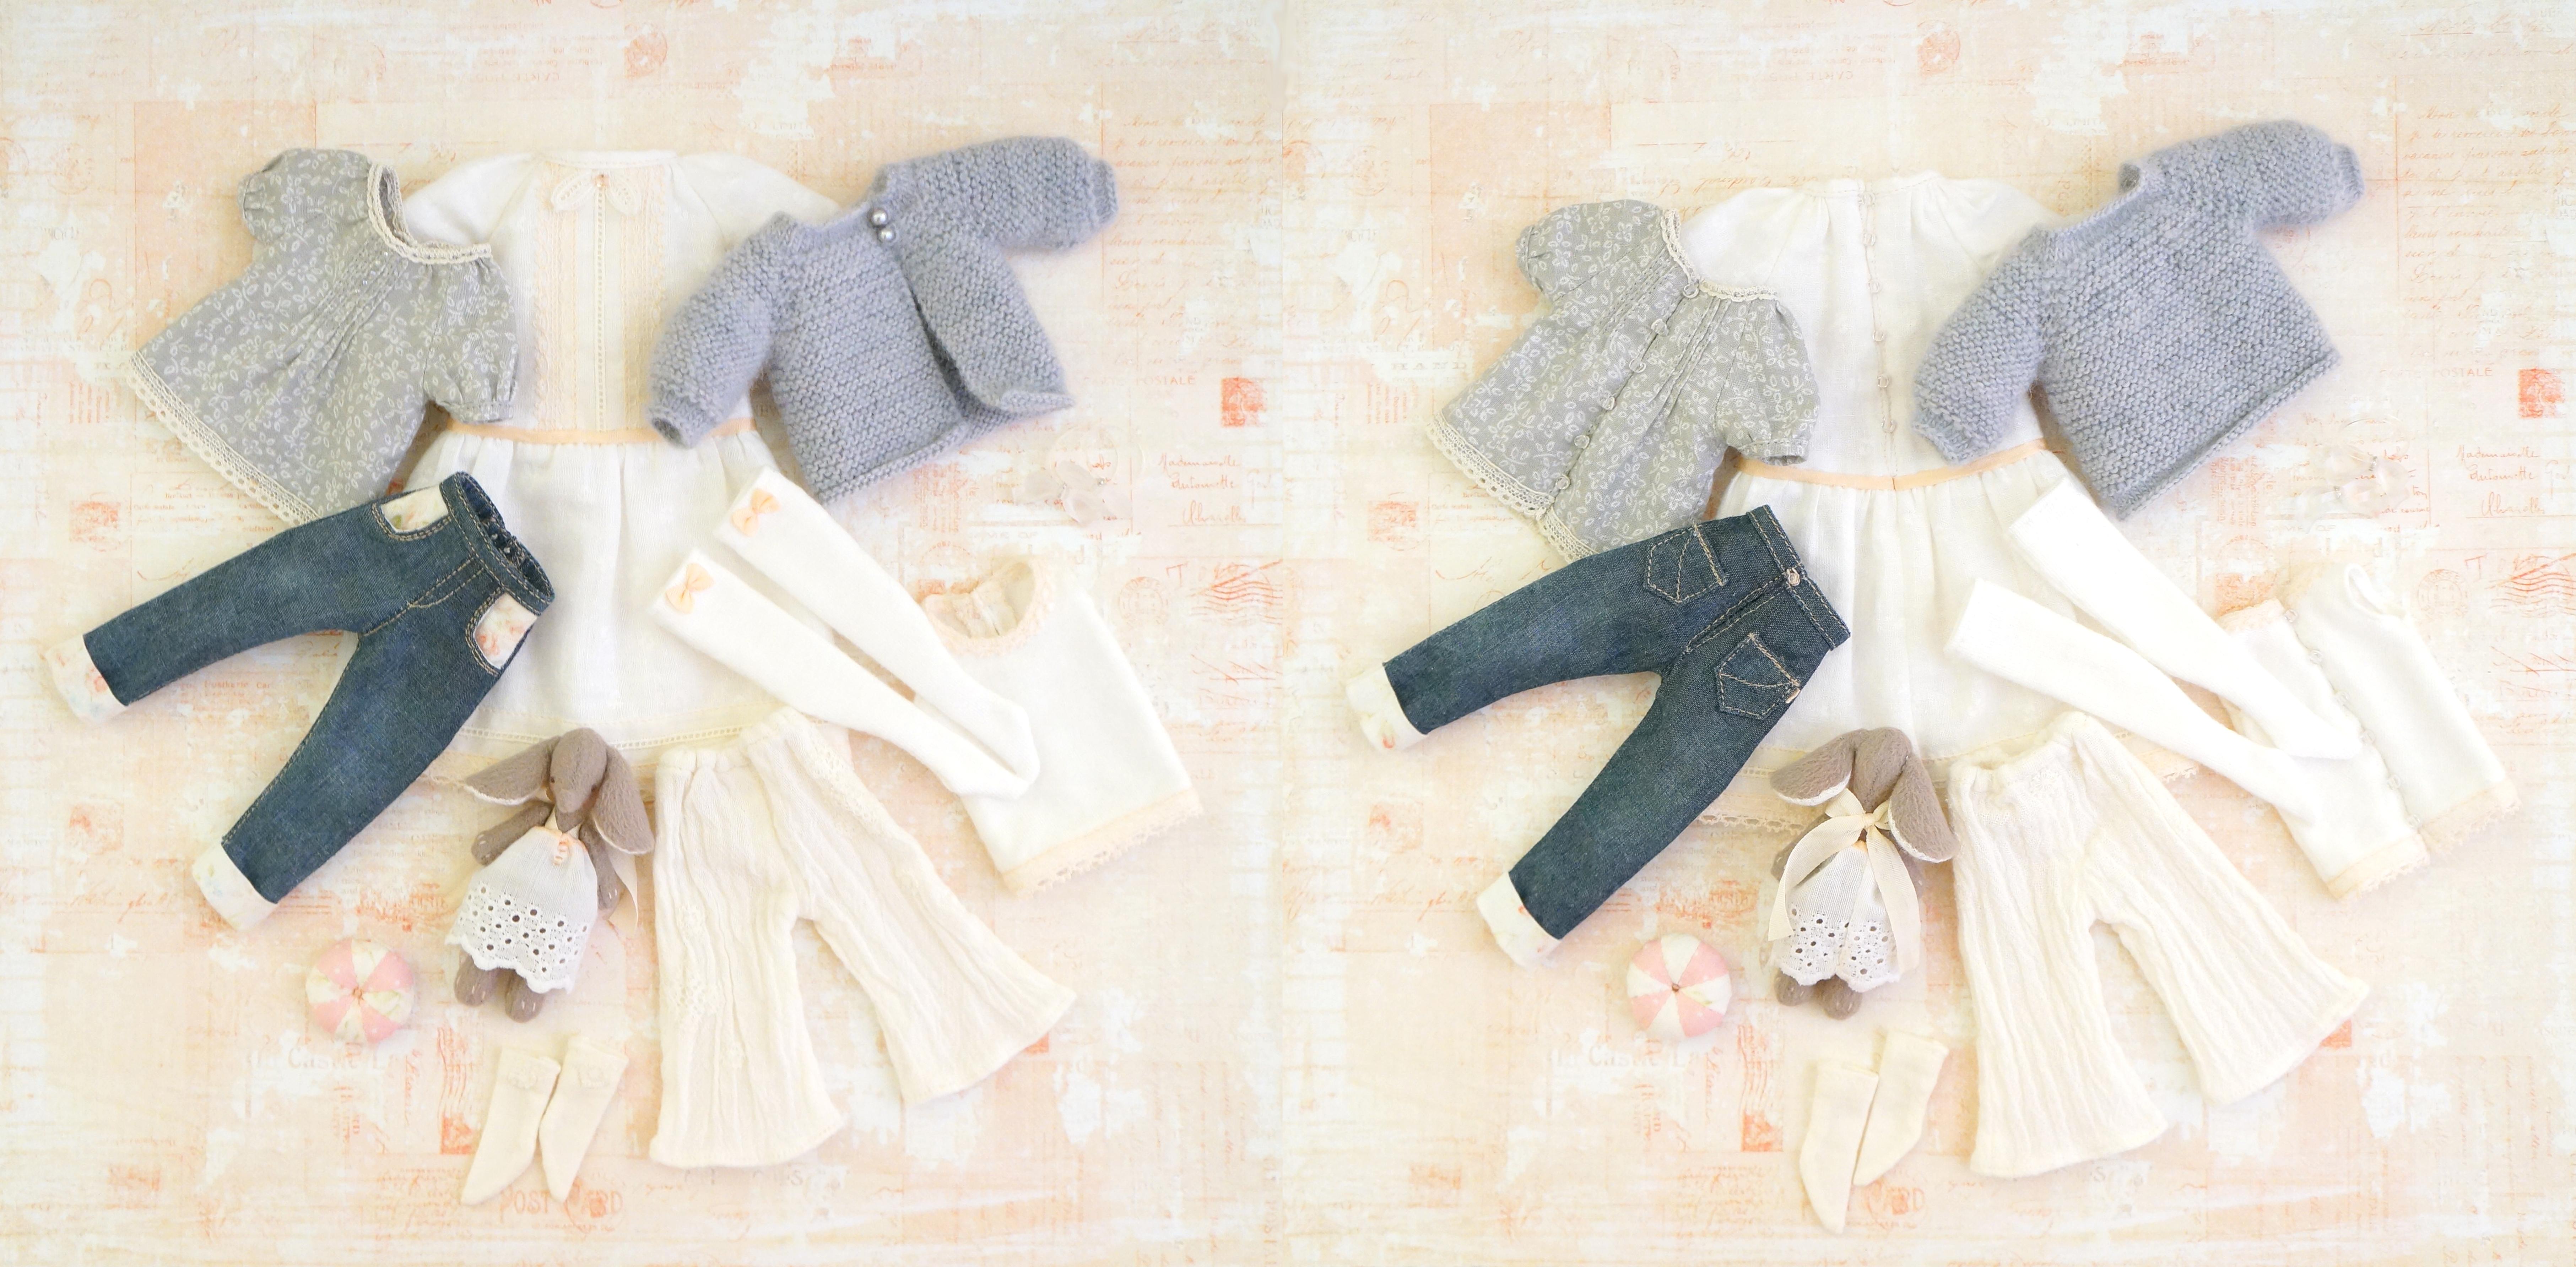 Fondos de pantalla : ligero, bebé, elefante, lana, niña, calcetines ...